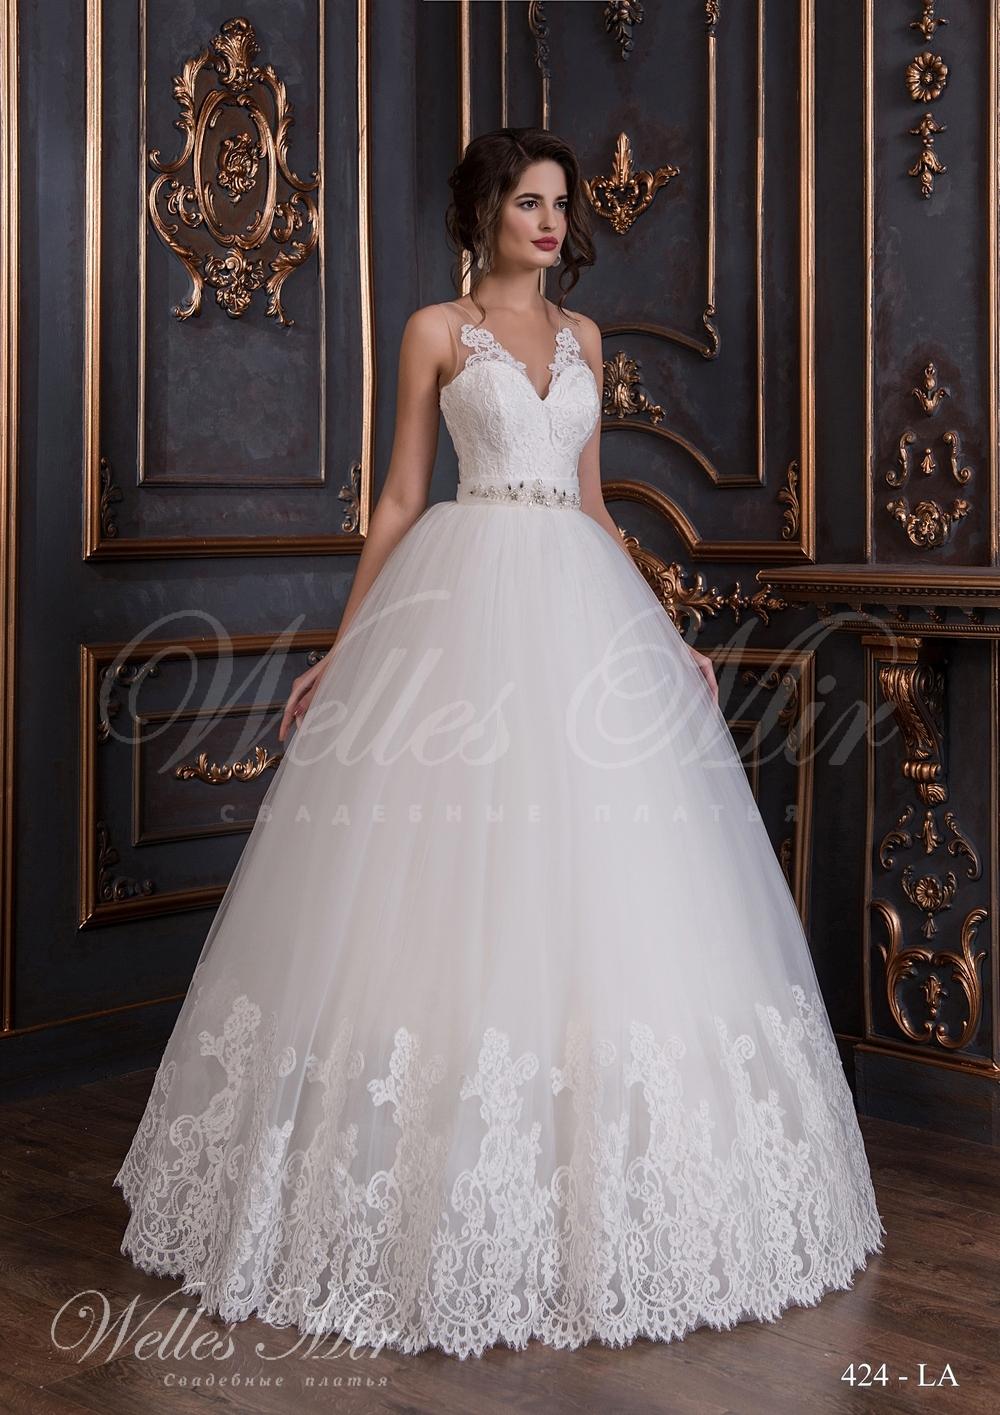 Весільні сукні Luxury collection 2017-2018 - 424-LA